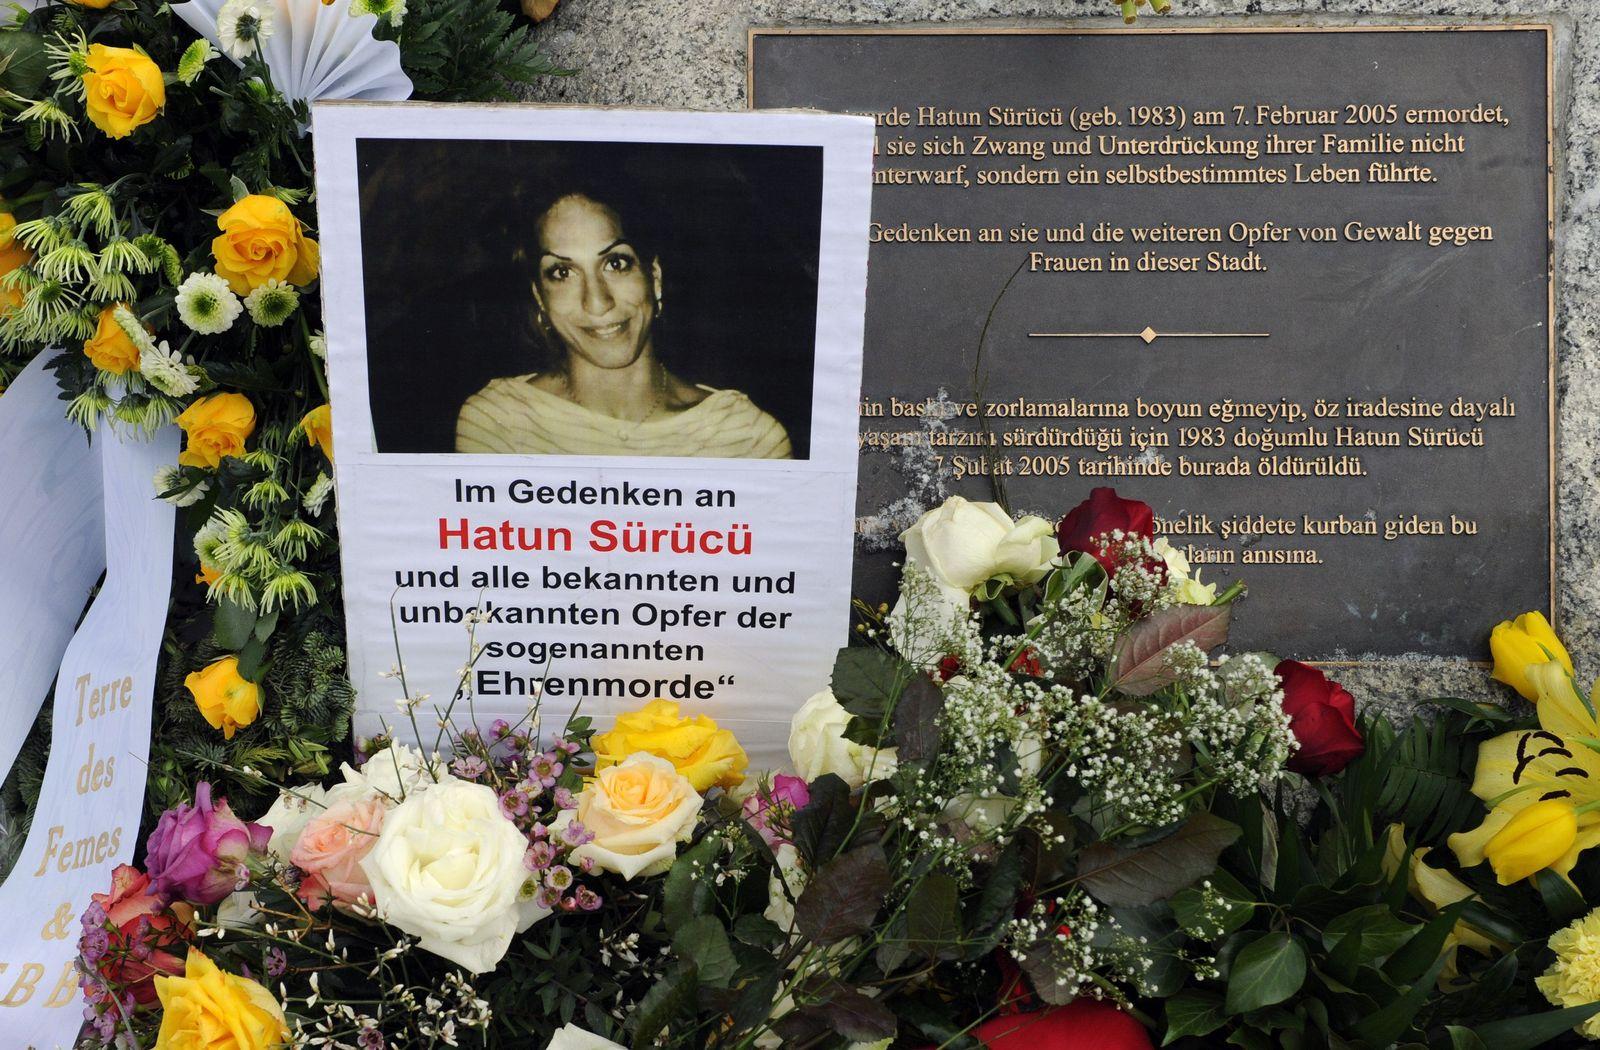 Hatun Sürücü - Mordanklage in der Türkei gegen zwei Brüder